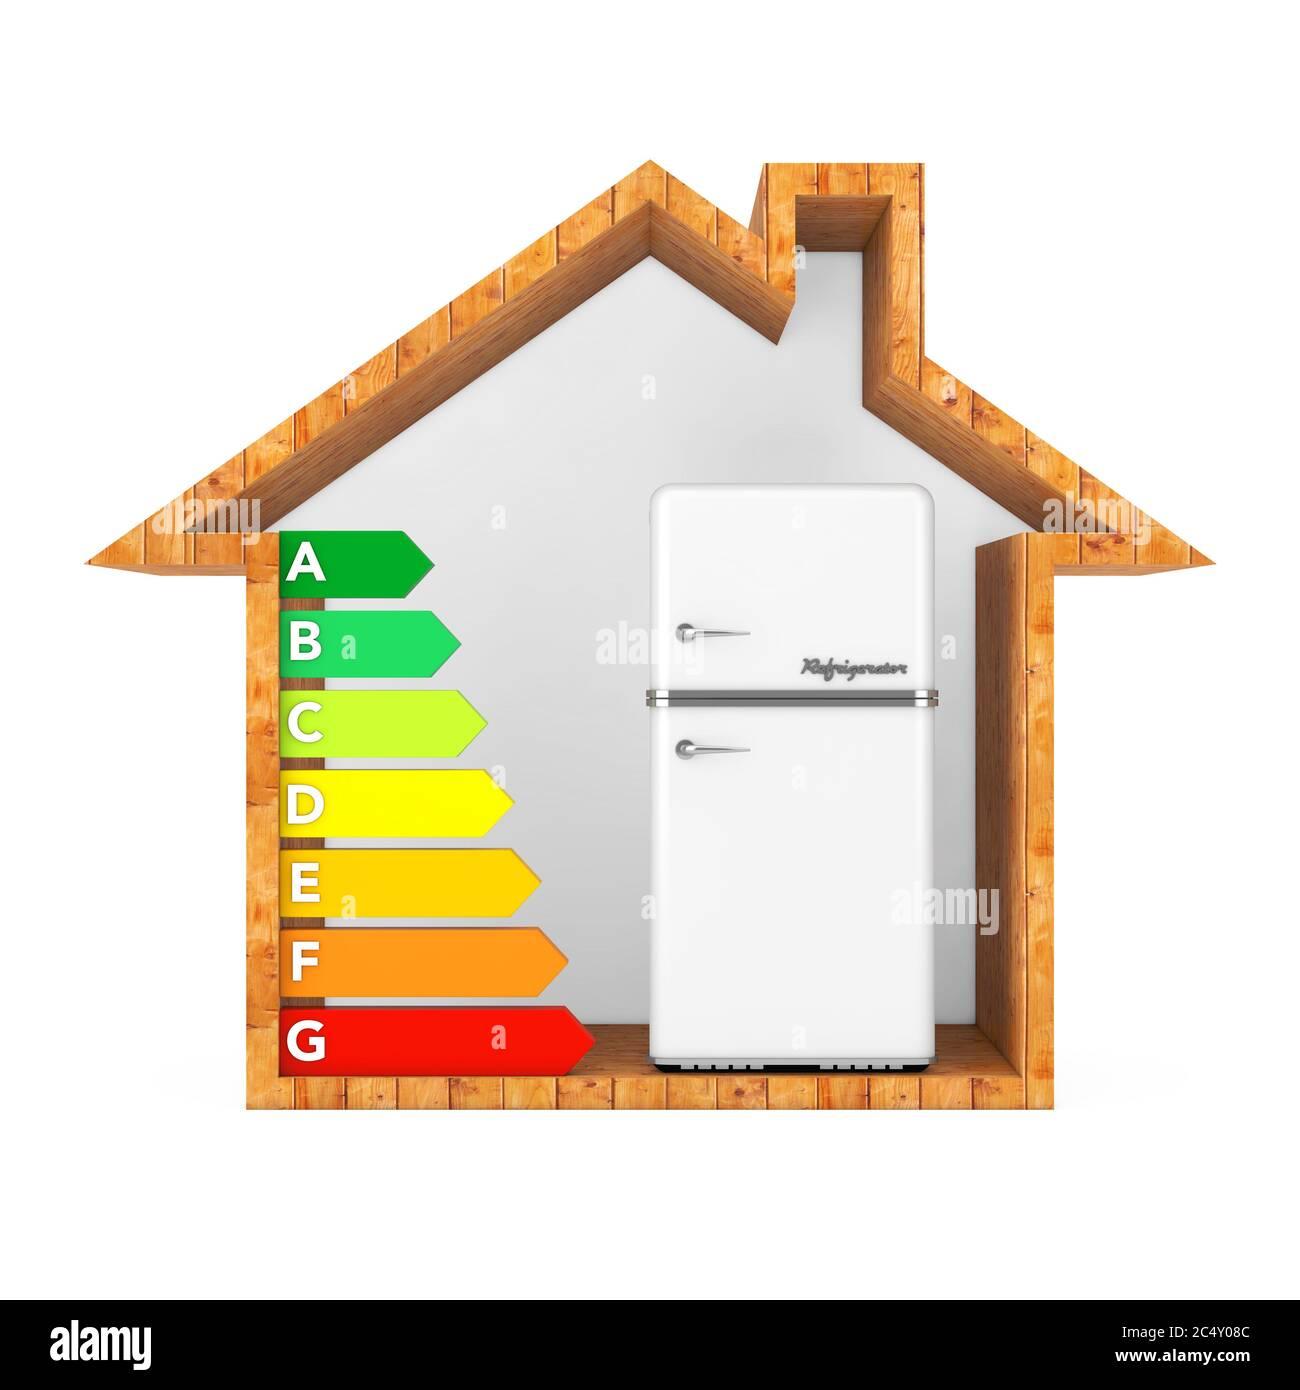 Réfrigérateur blanc avec tableau d'évaluation de l'efficacité énergétique dans une maison écologique en bois abstrait sur un fond blanc. Rendu 3d Banque D'Images